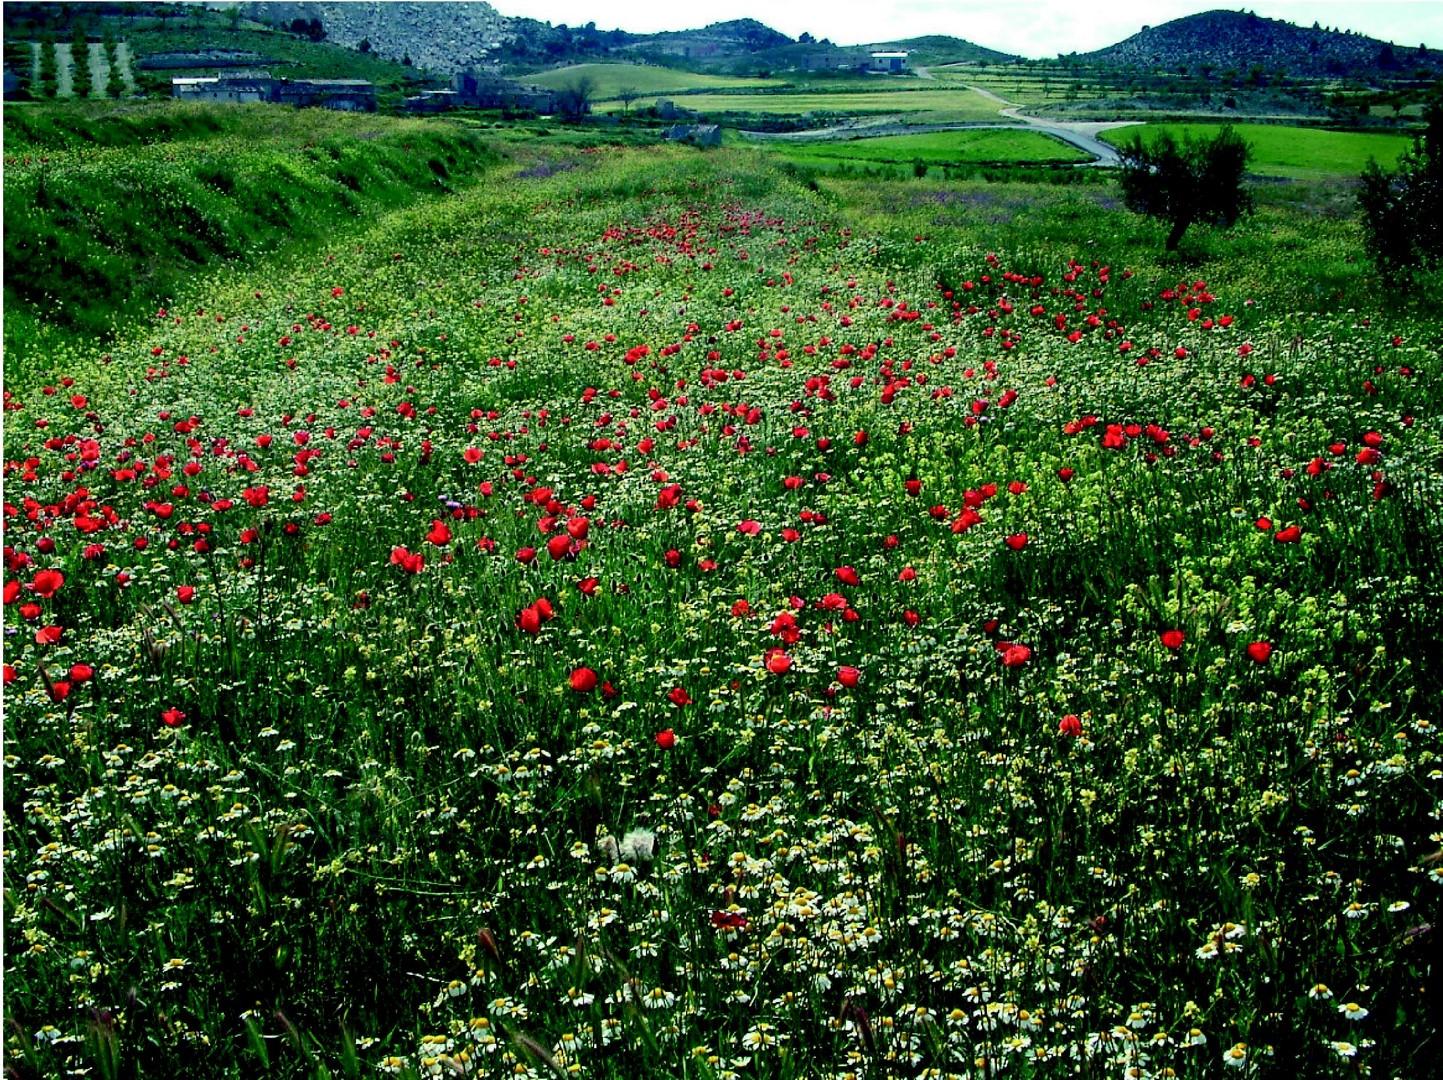 Fondos de pantalla de flora y vegetación ab